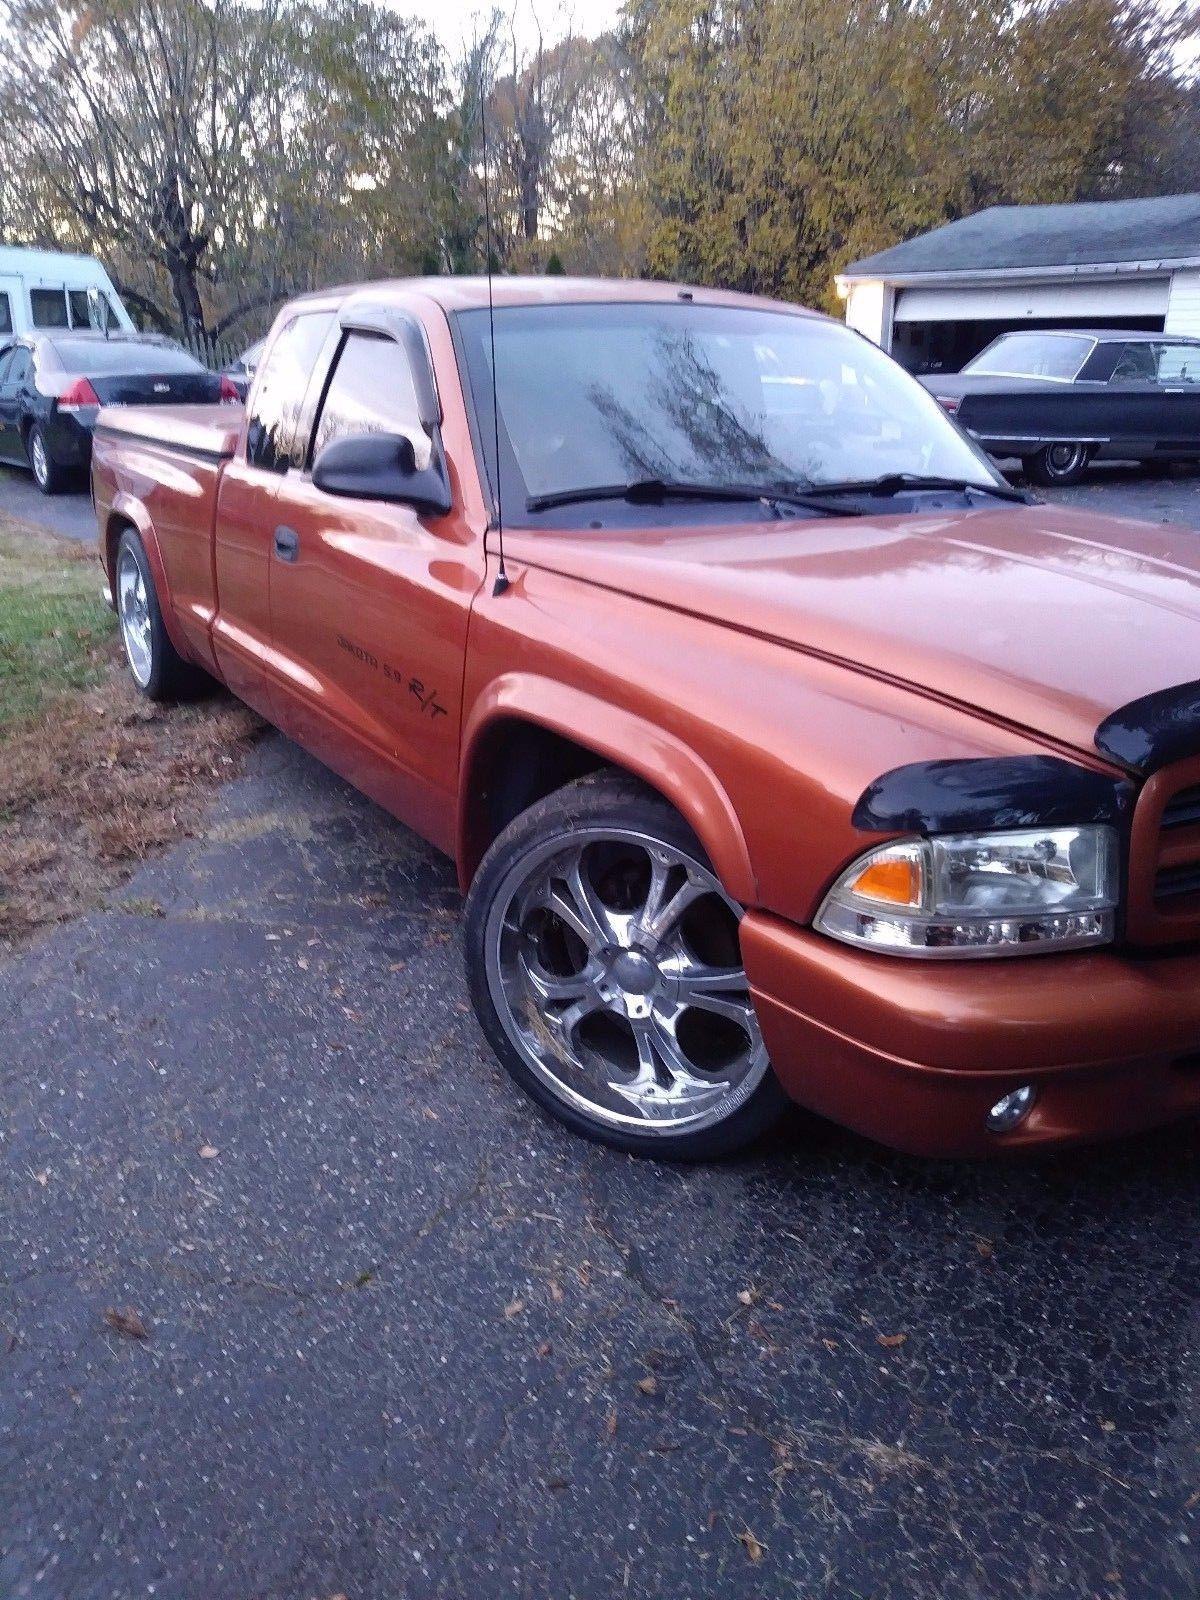 1997 Dodge Ram 1500 Sst Bagged Shop Truck For Sale 1949 Pickup Trucks Needs Battery 2001 Dakota Rt Custom